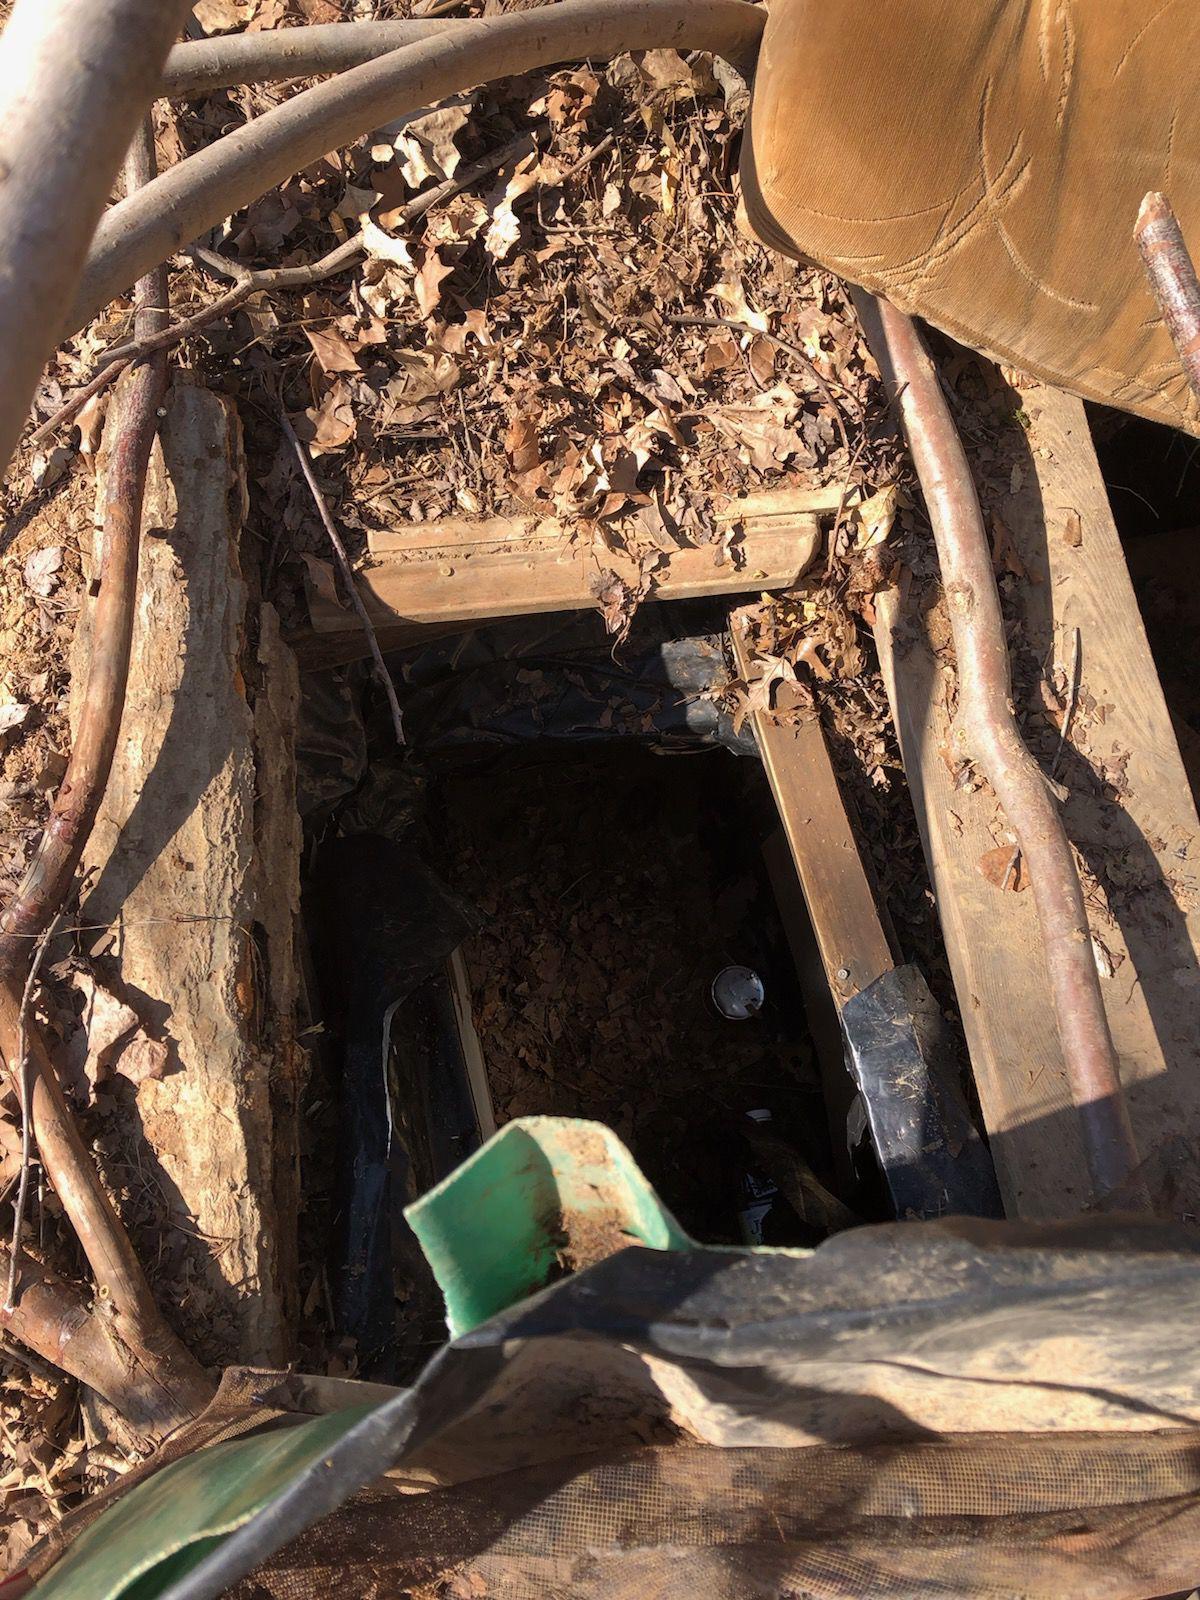 Fugitive found in underground bunker